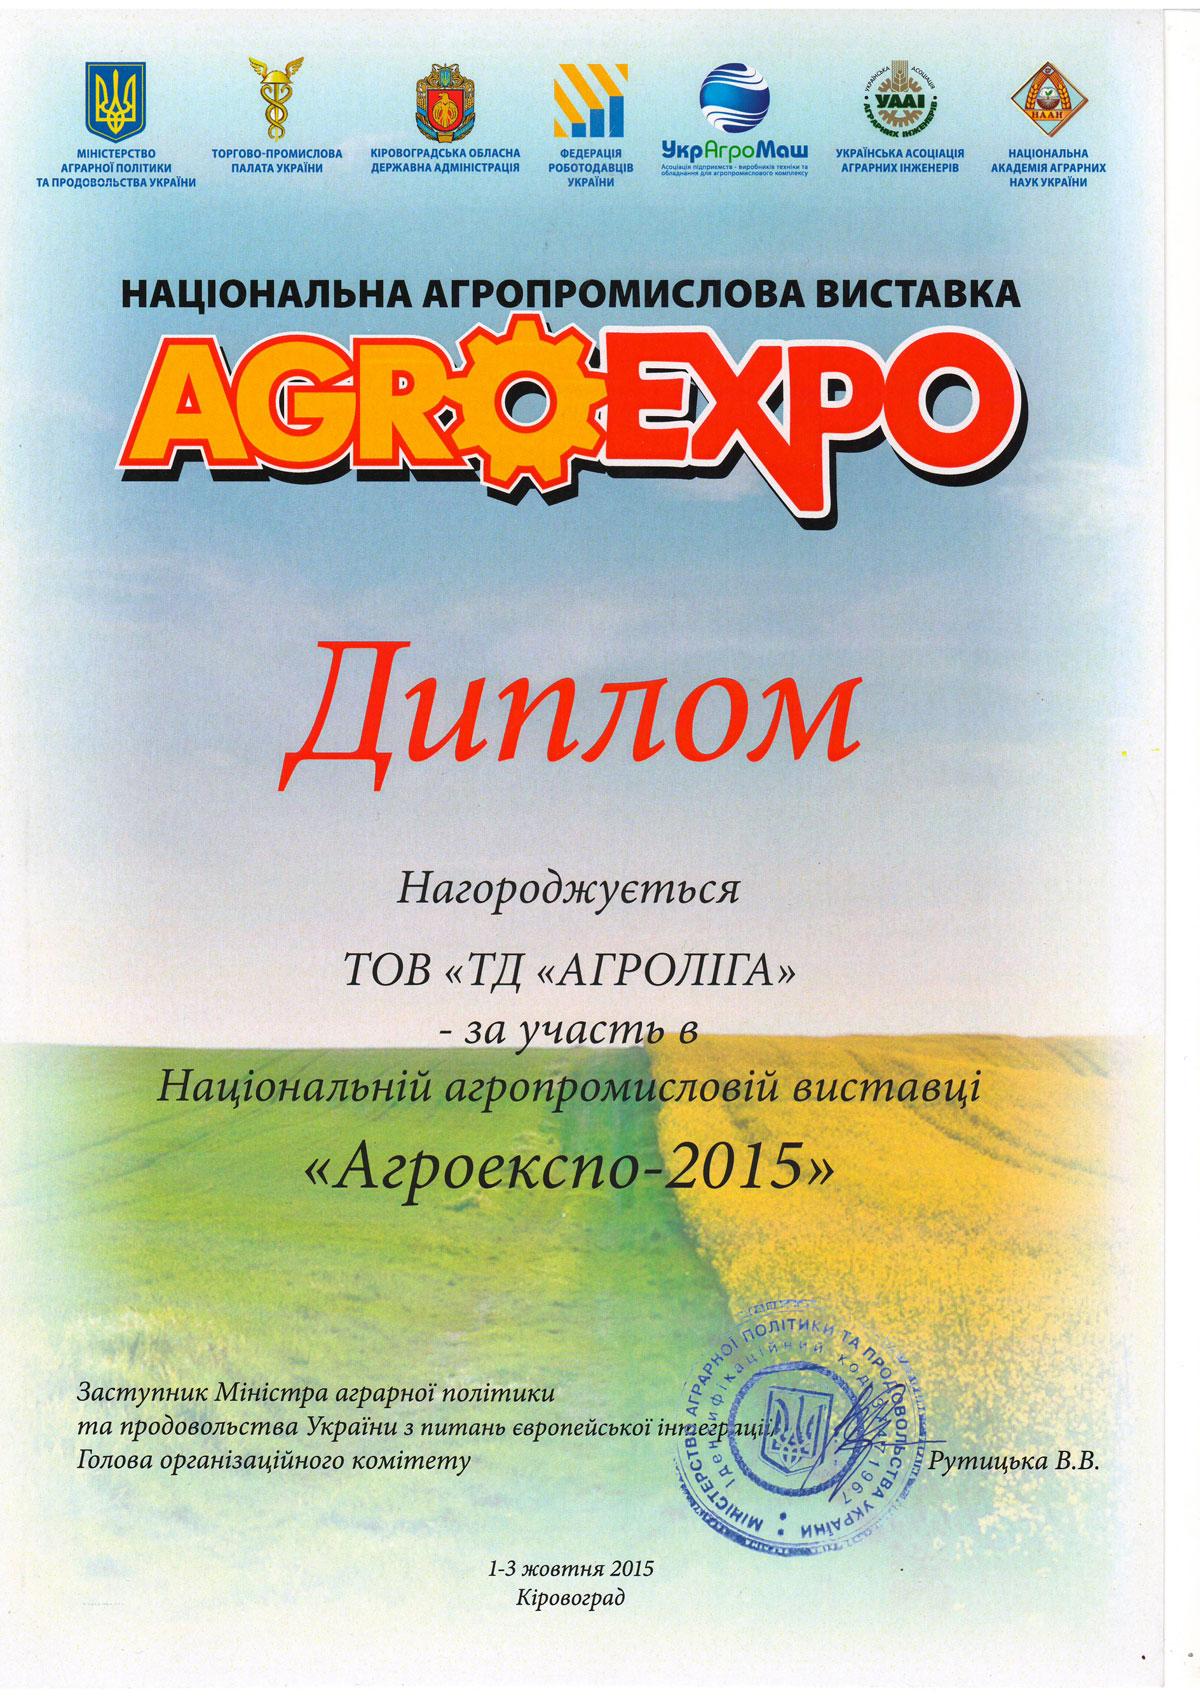 Участник Agroexpo 2015